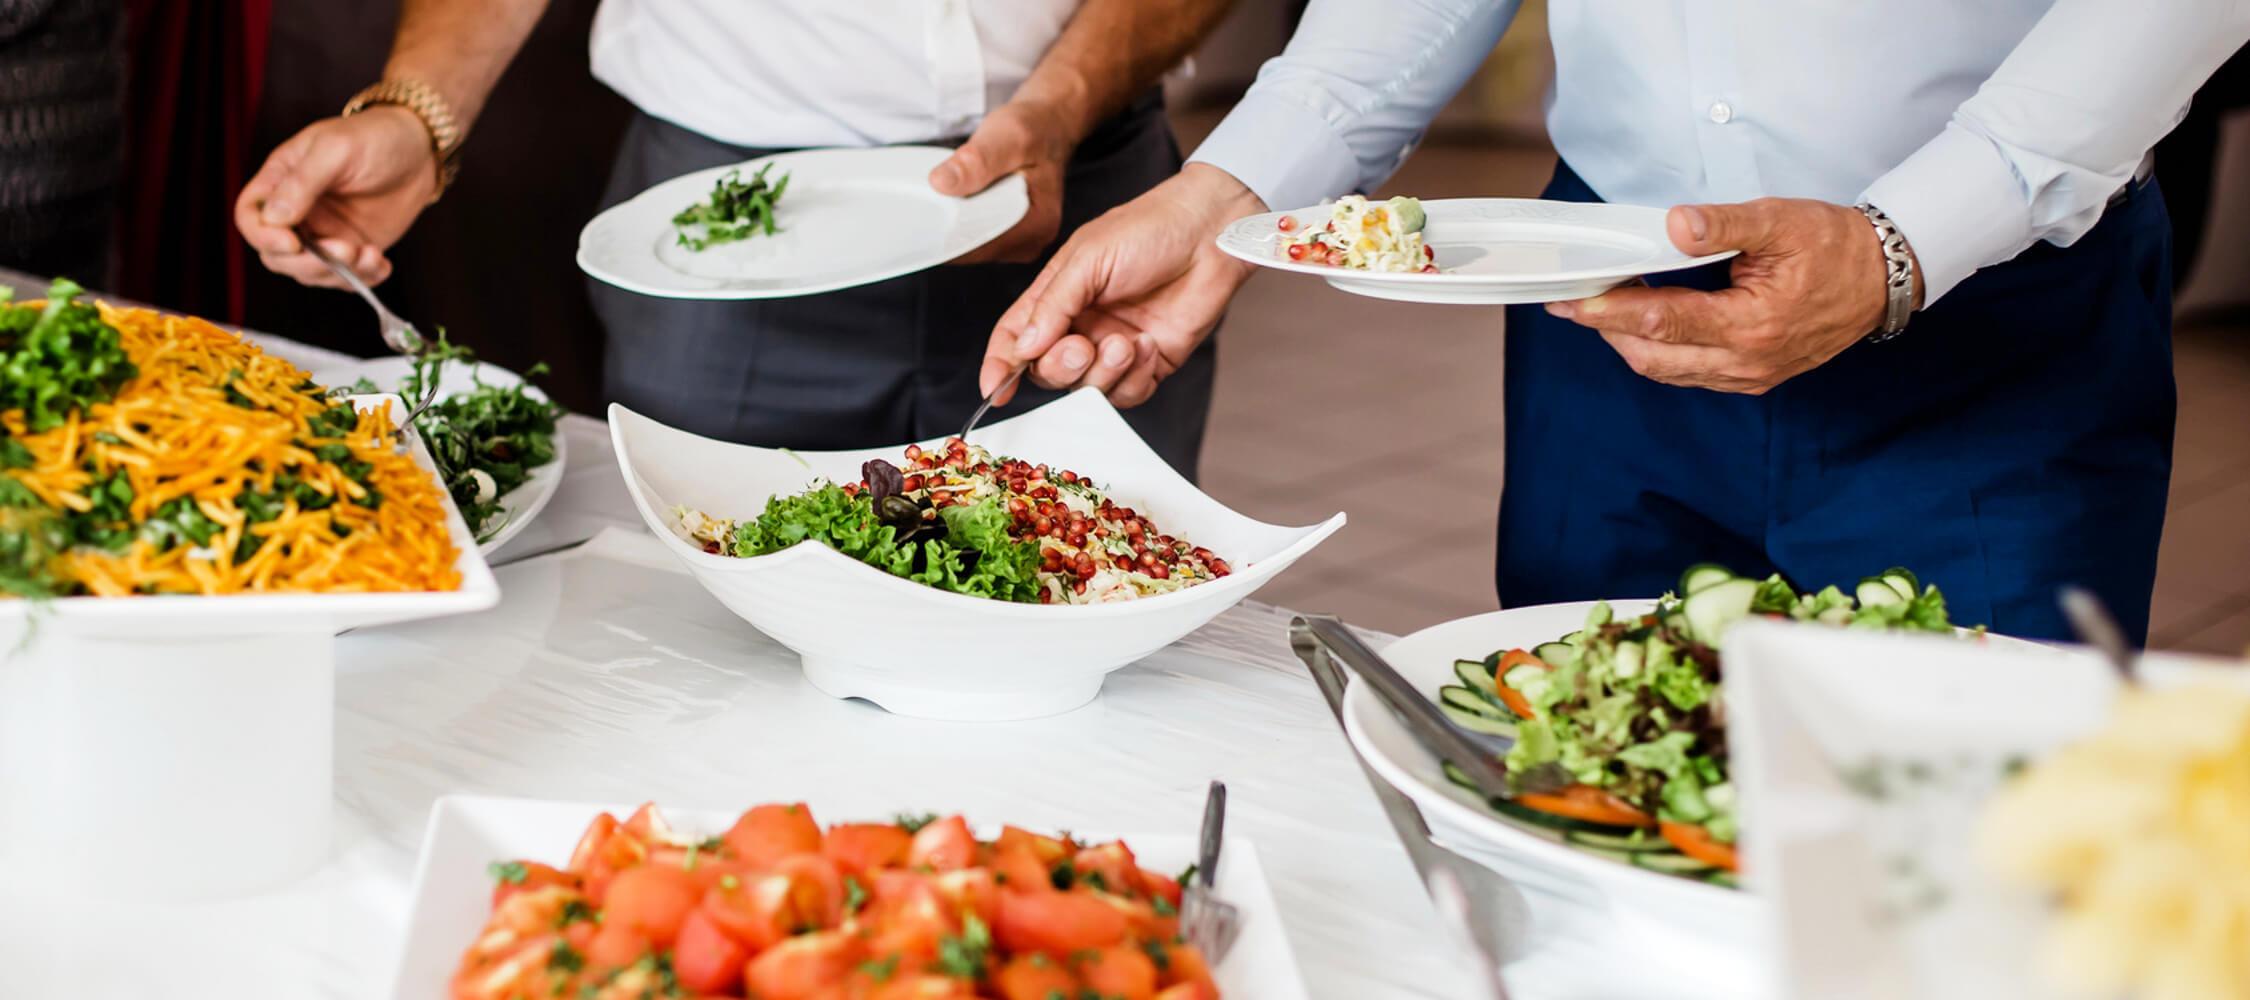 Restaurant_Tapas_Bar_The_Gallery_City_Hotel_Merano_Essen_Buffet_Vegetarisch_Salat_Gemuese_Vorspeise_Dinner_Abend_Menu_DSC0900_2250x1000